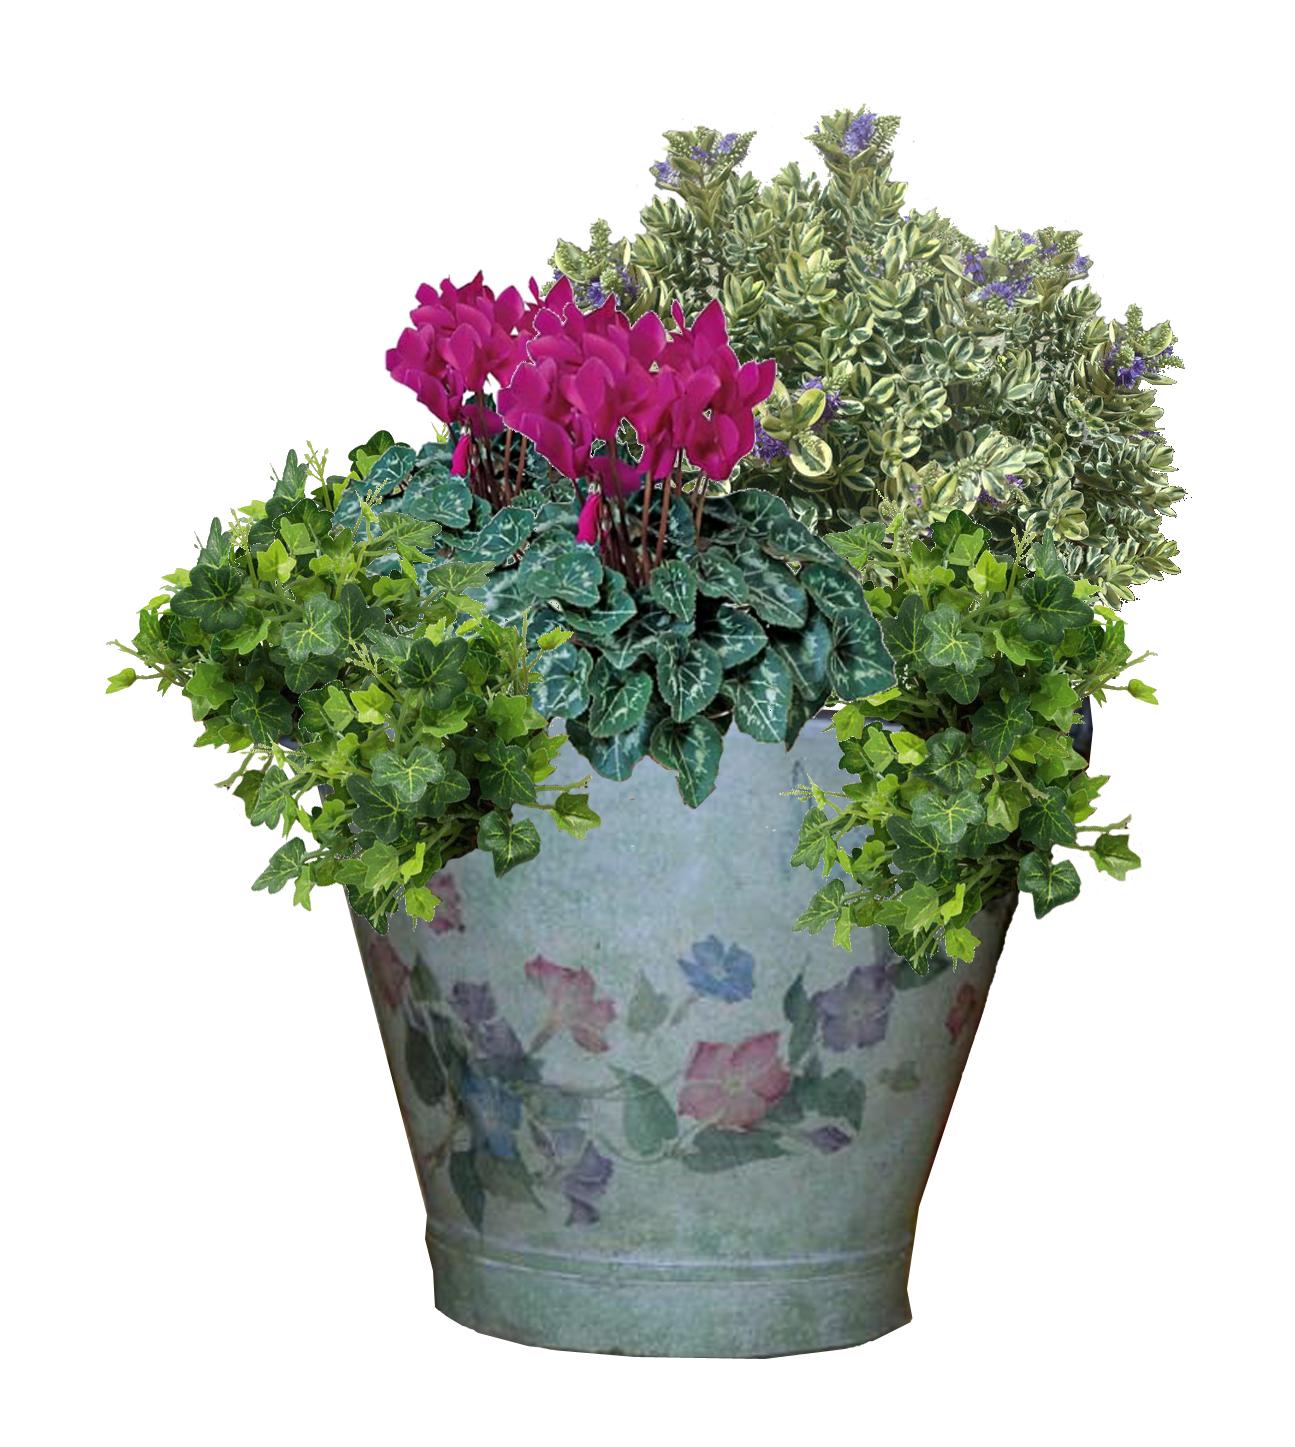 Composizione Vasi Da Balcone il balcone d'inverno | sfumature verdi